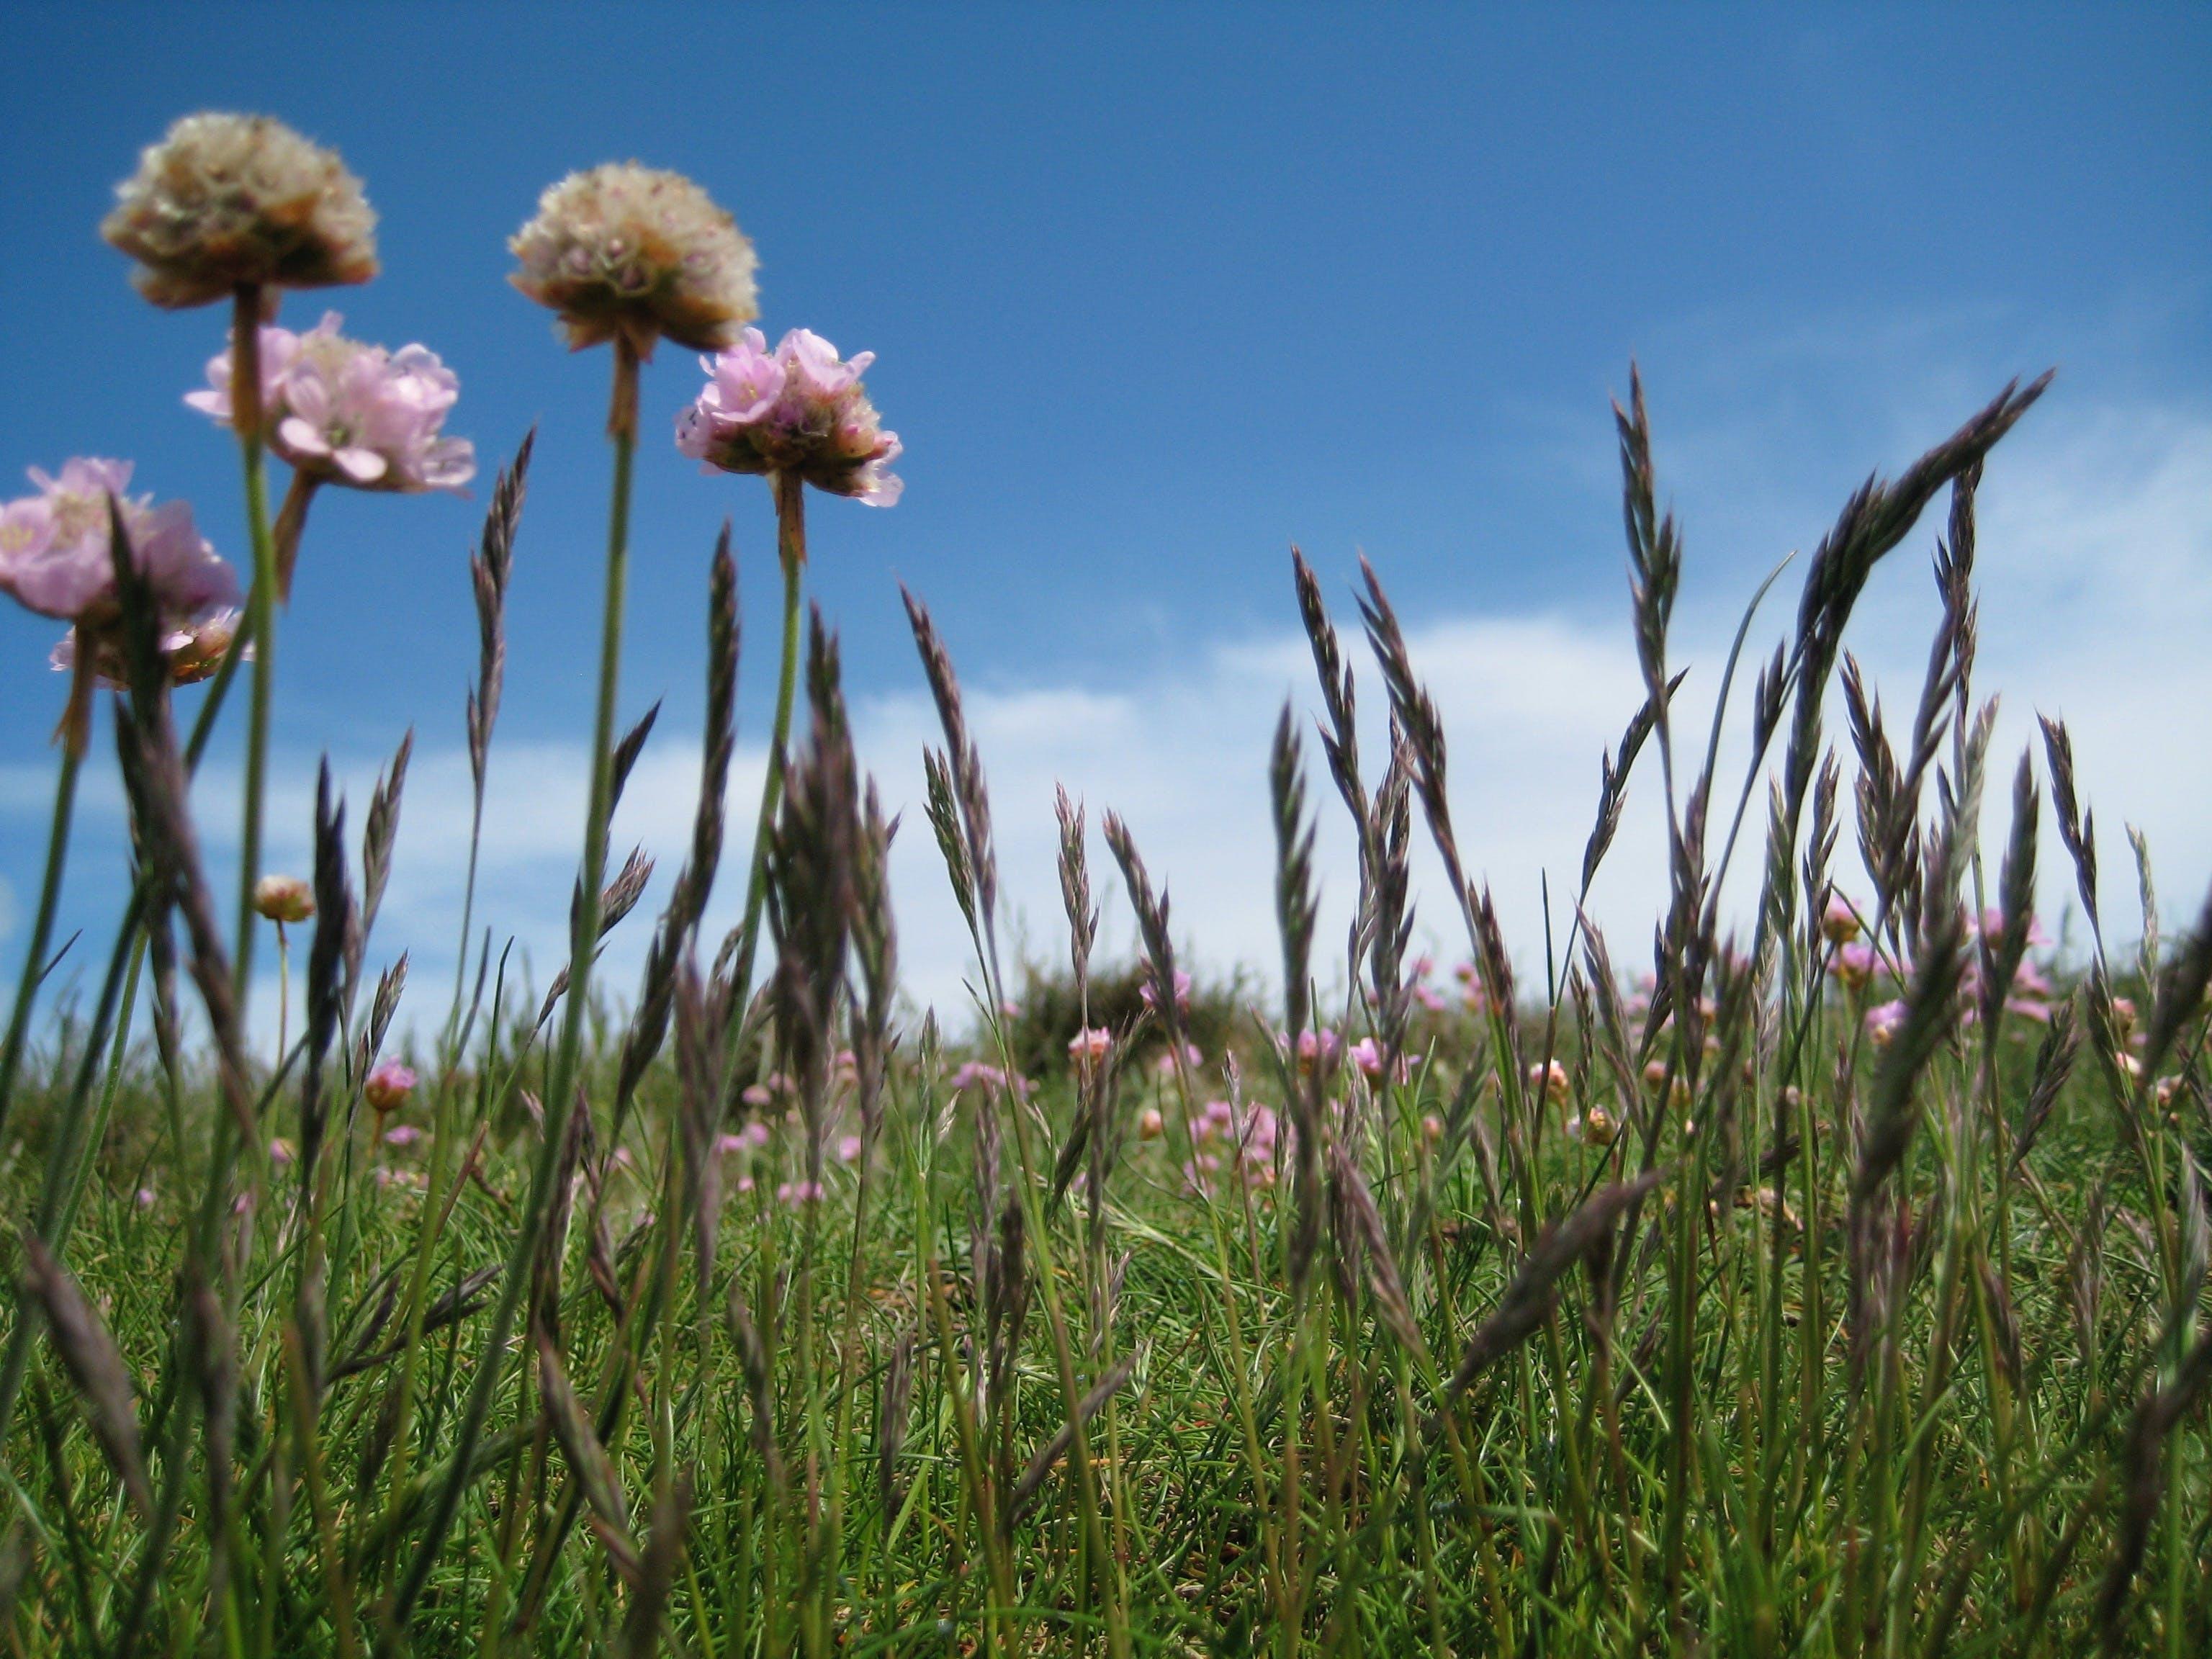 Ảnh lưu trữ miễn phí về bầu trời, cỏ, hệ thực vật, hoa